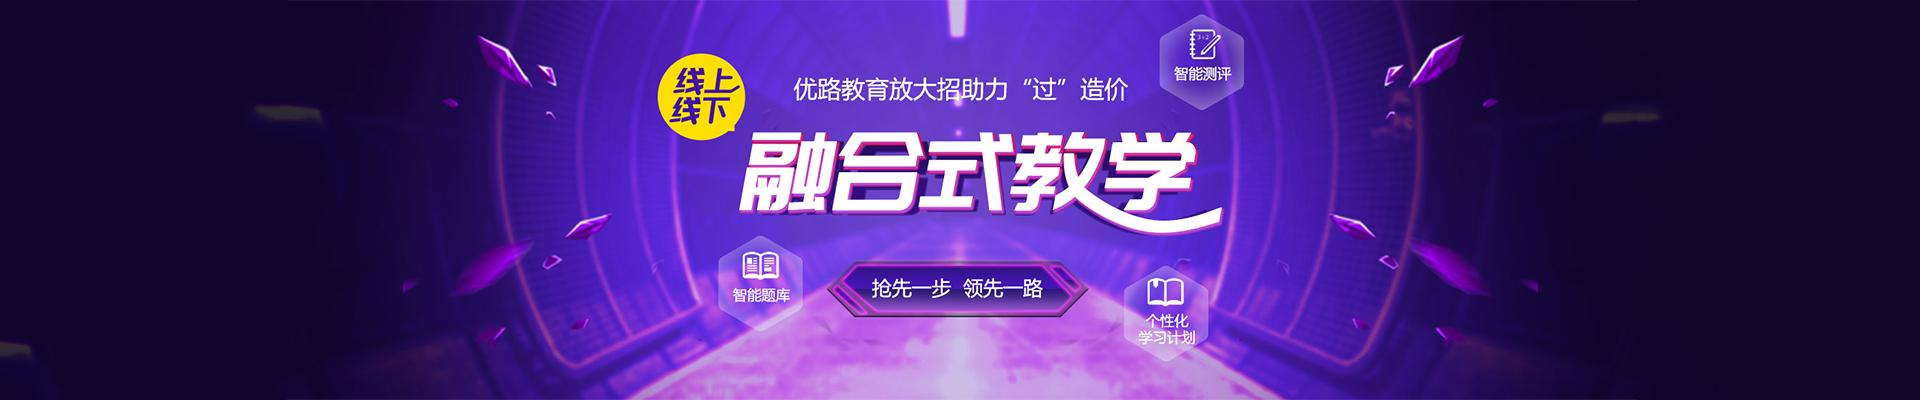 山东枣庄优路教育培训学校